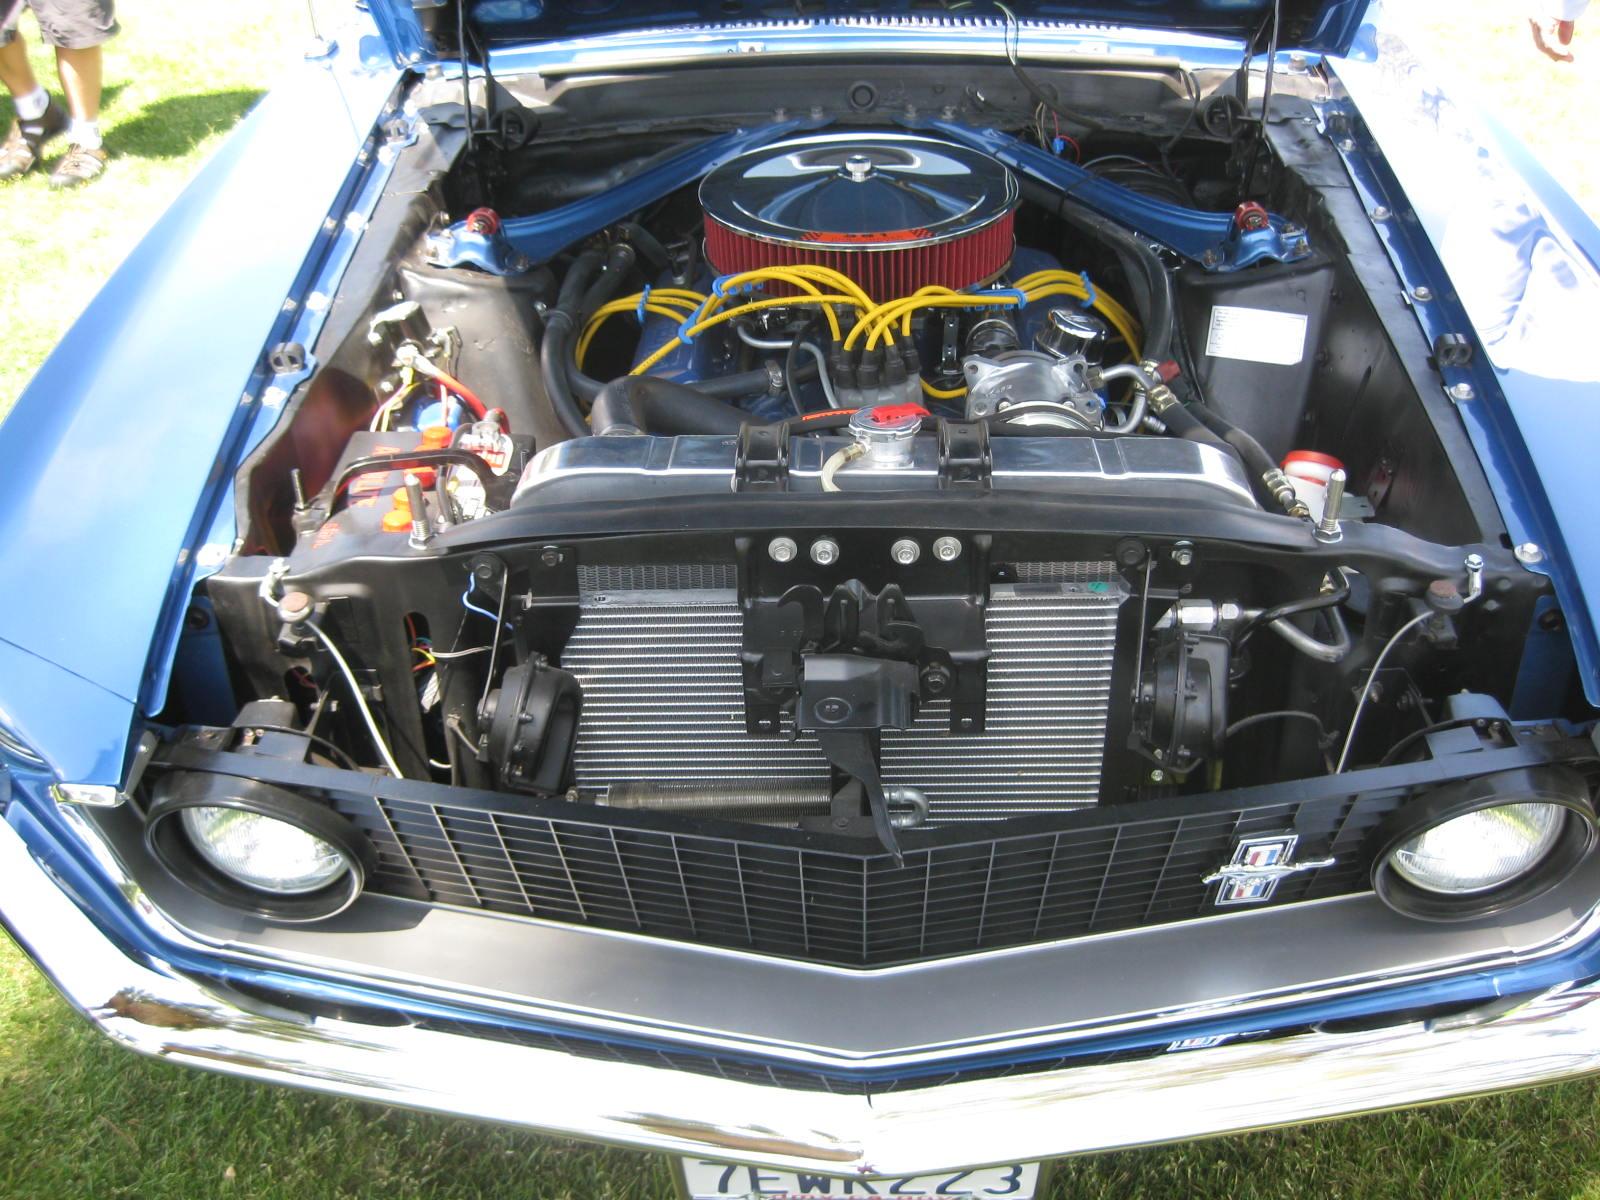 Chrysler Todd Bianco S Acarisnotarefrigerator Com Blog